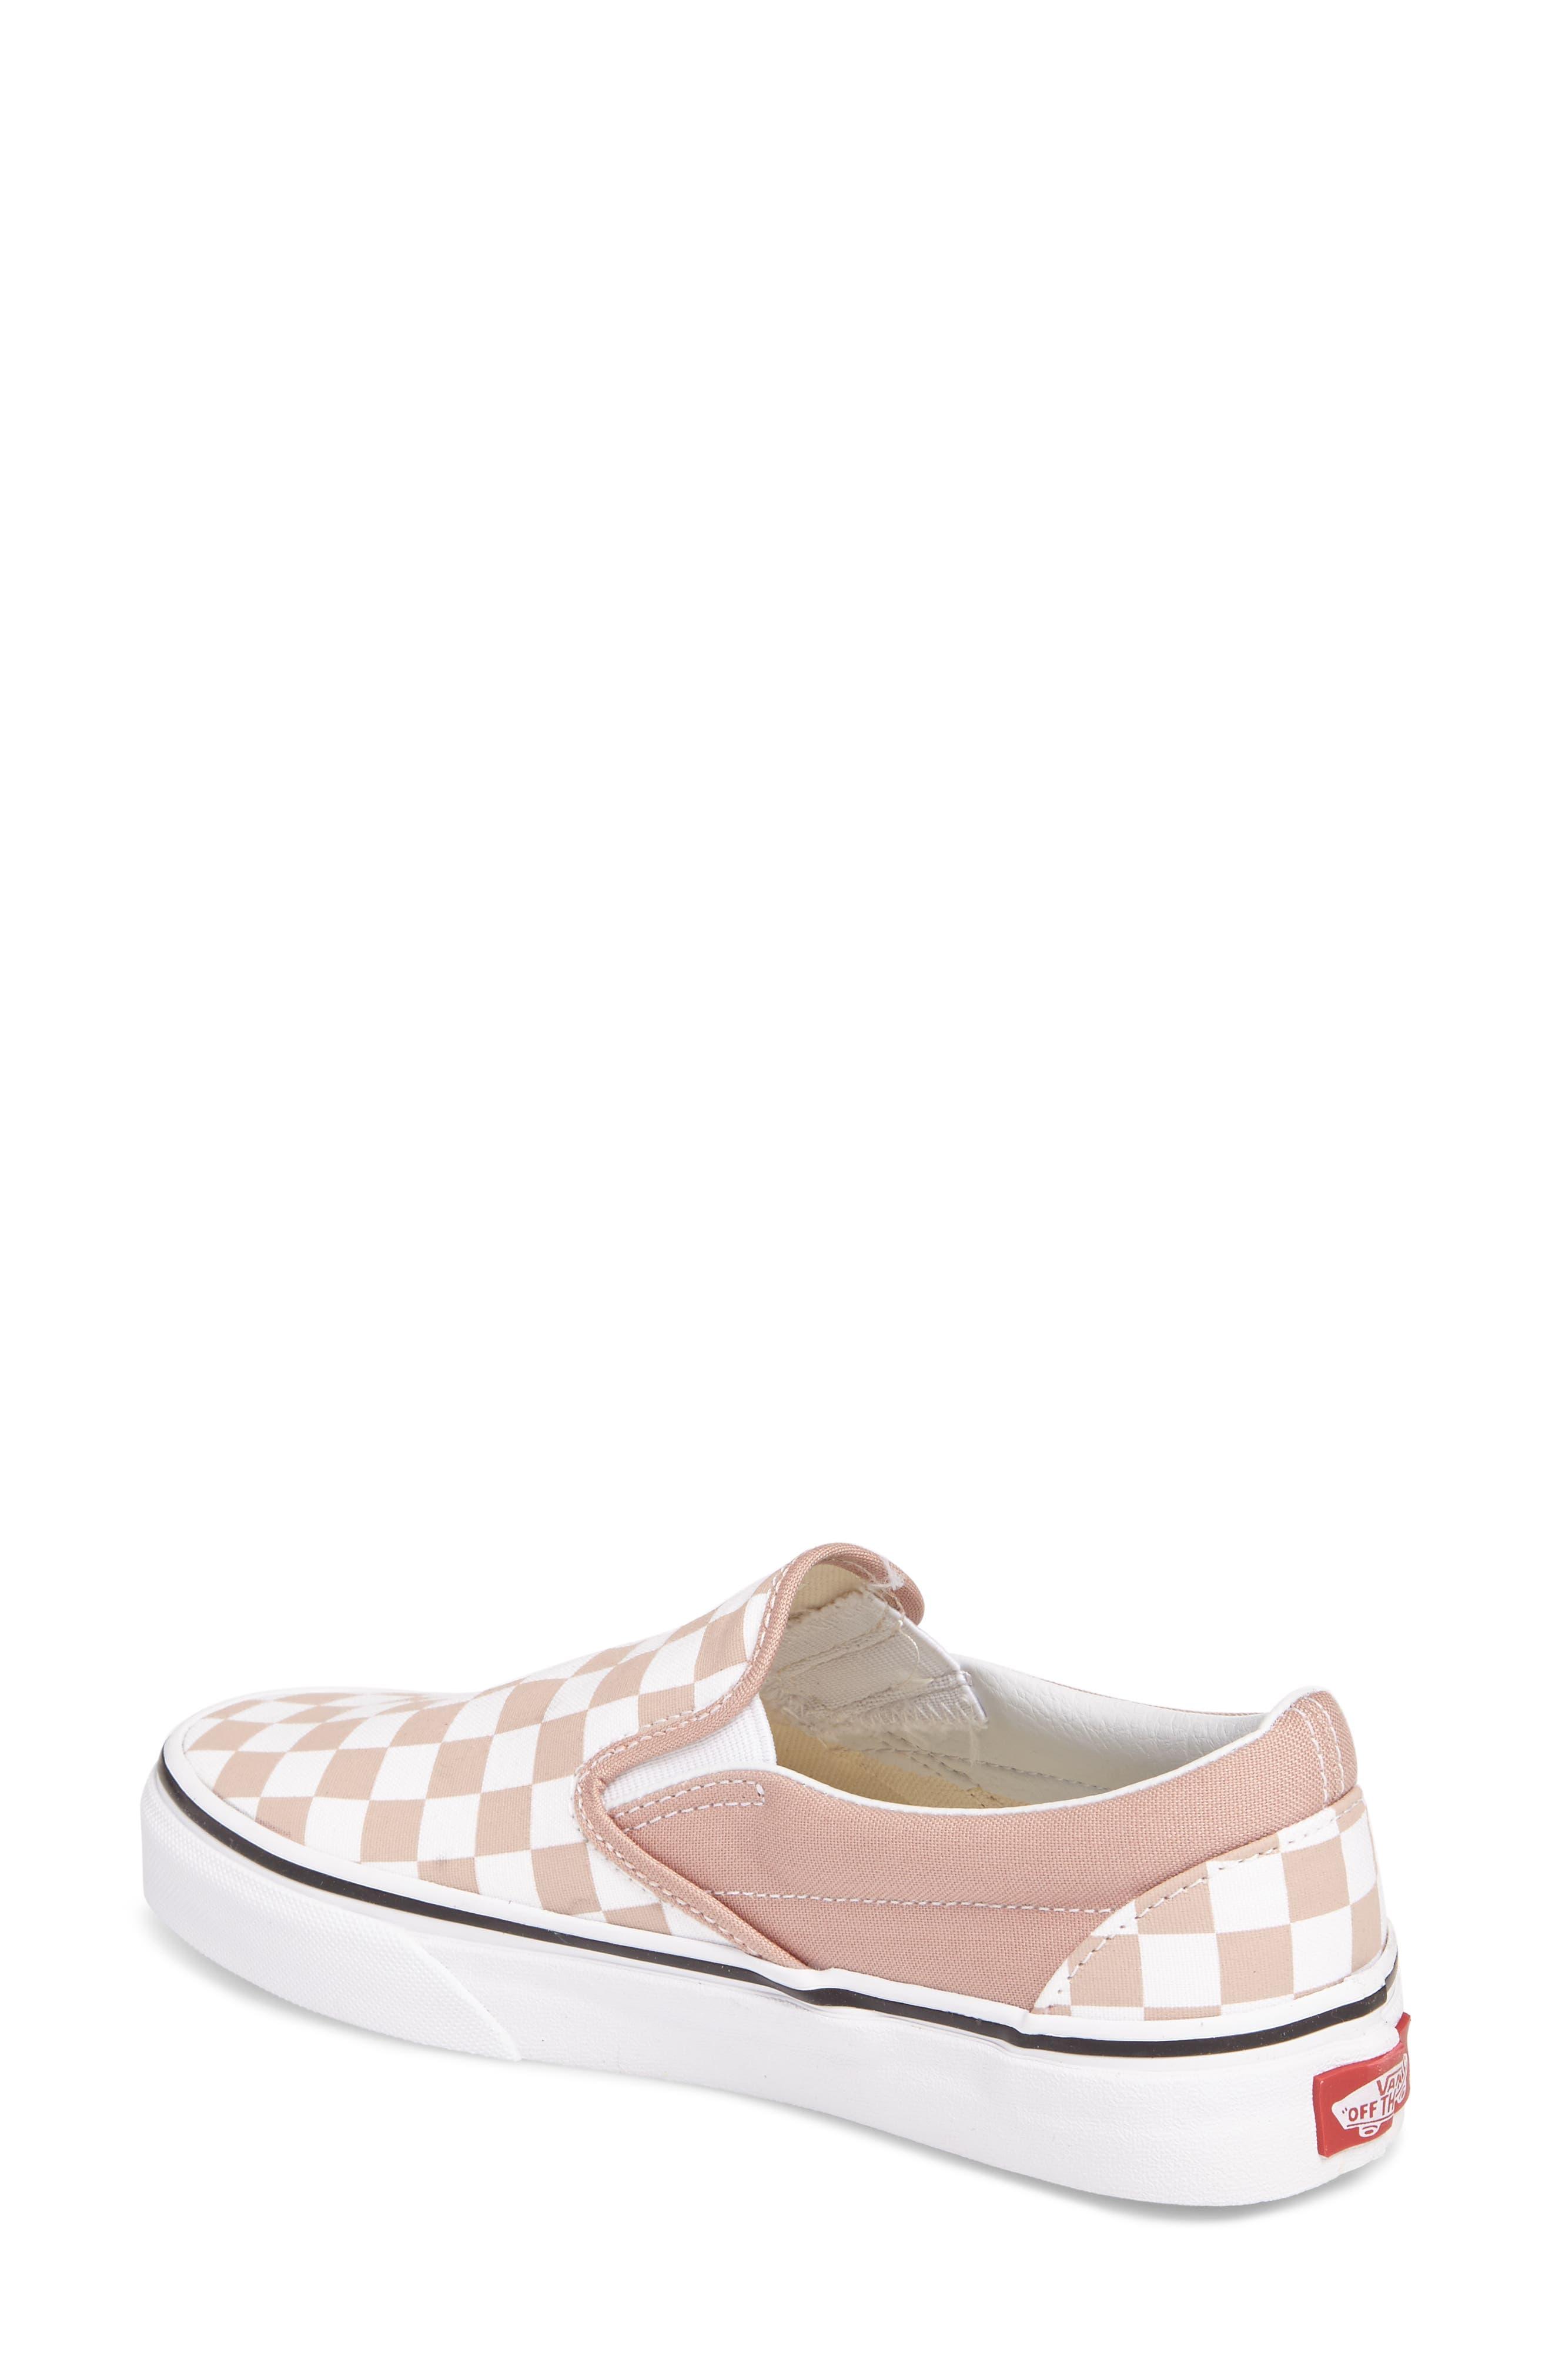 ,                             Classic Slip-On Sneaker,                             Alternate thumbnail 226, color,                             680